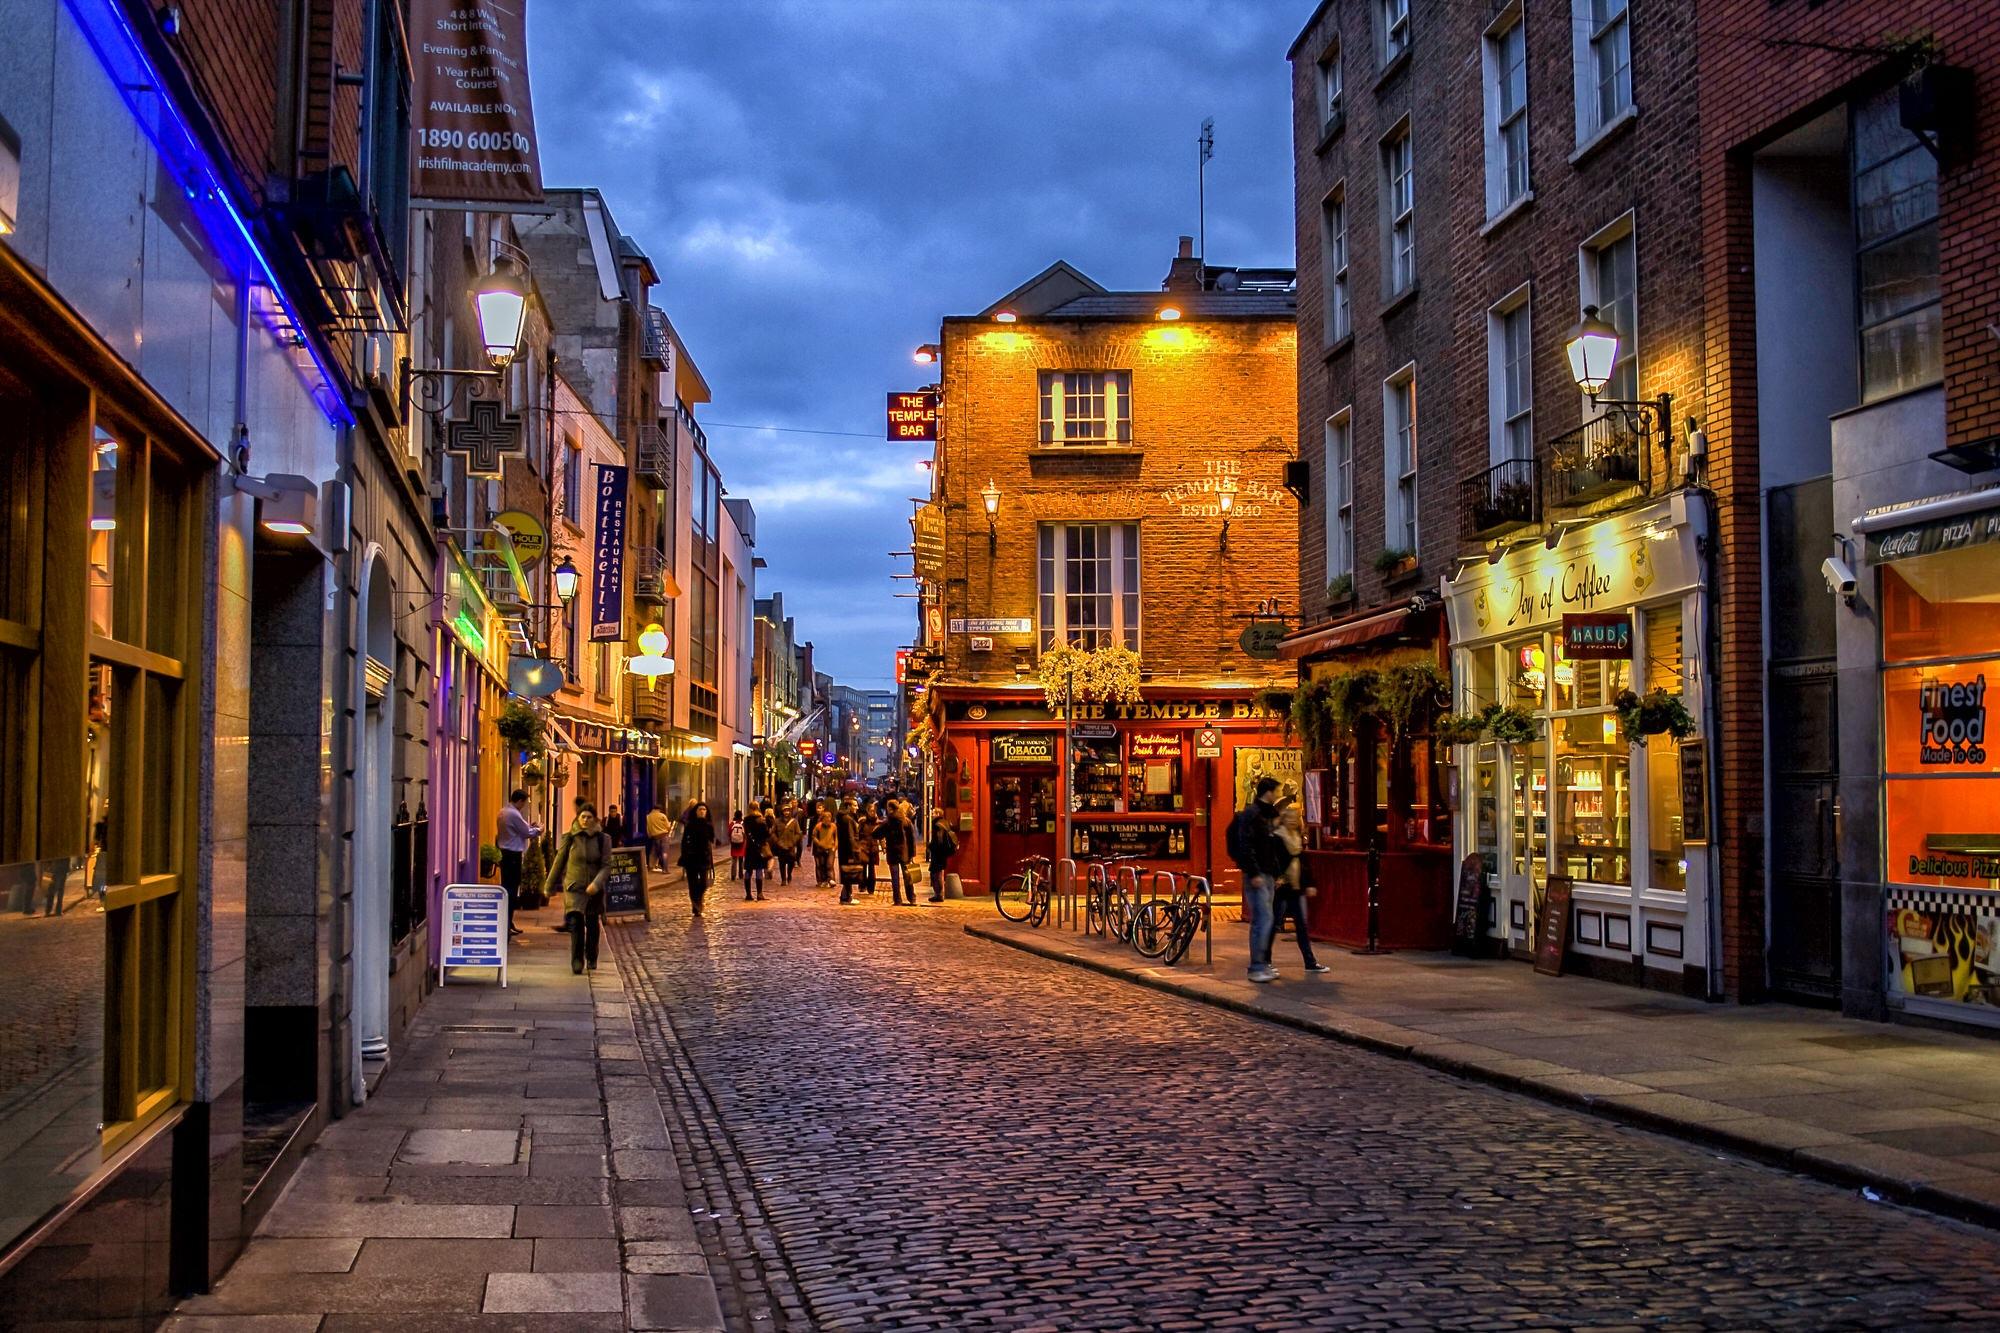 Temple Bar, Dublin, at night